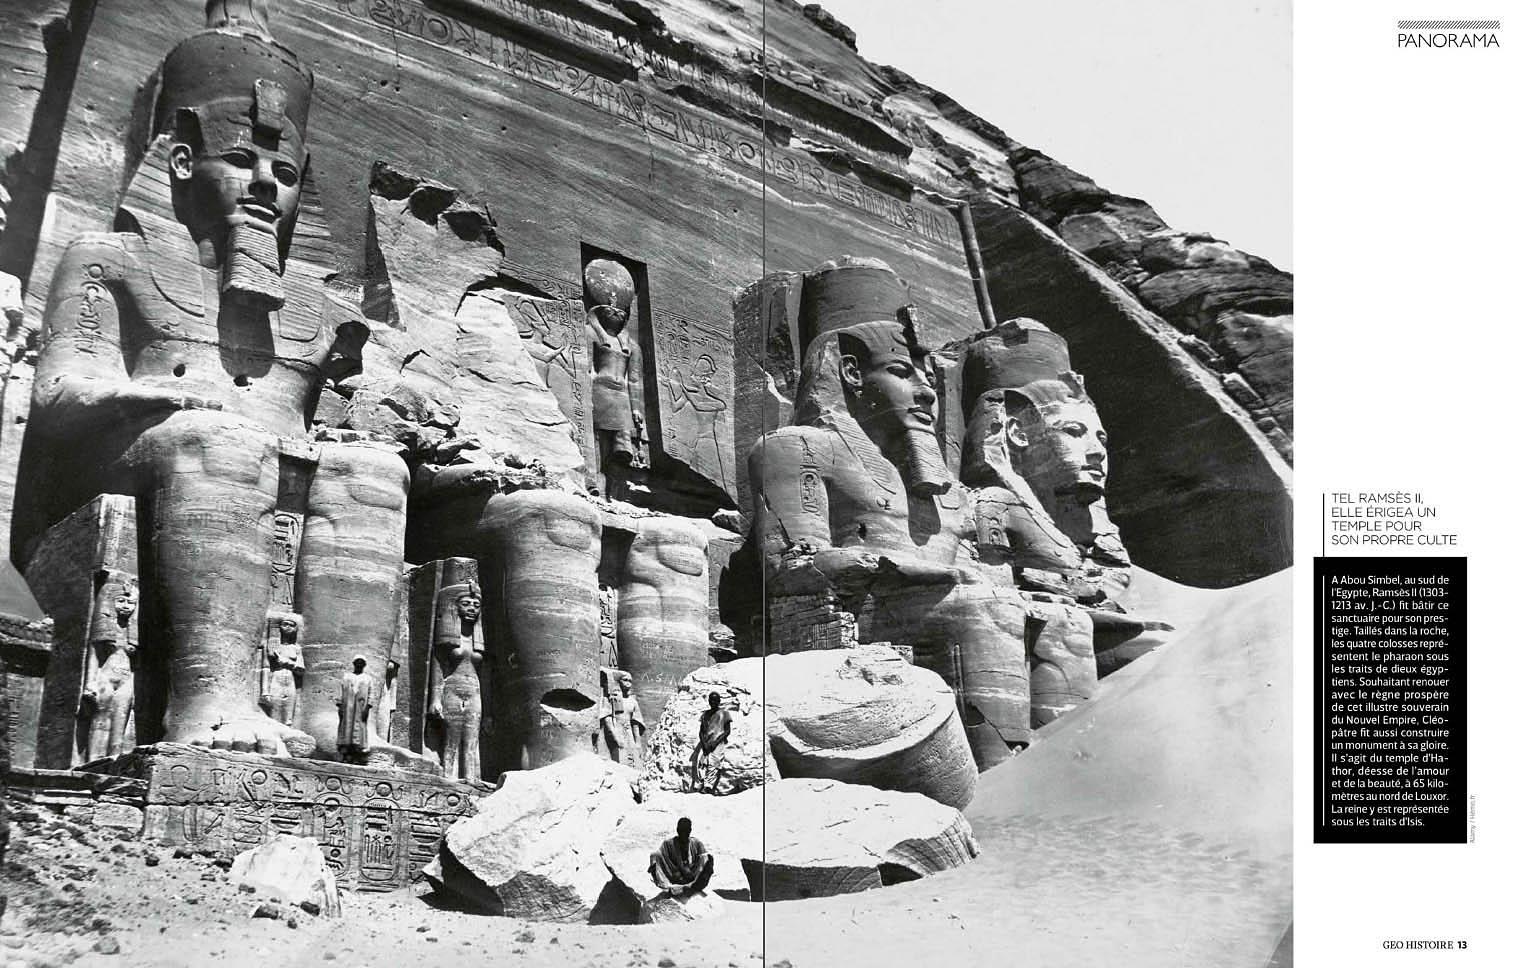 GEO Histoire 210405 Egypt 04.jpg